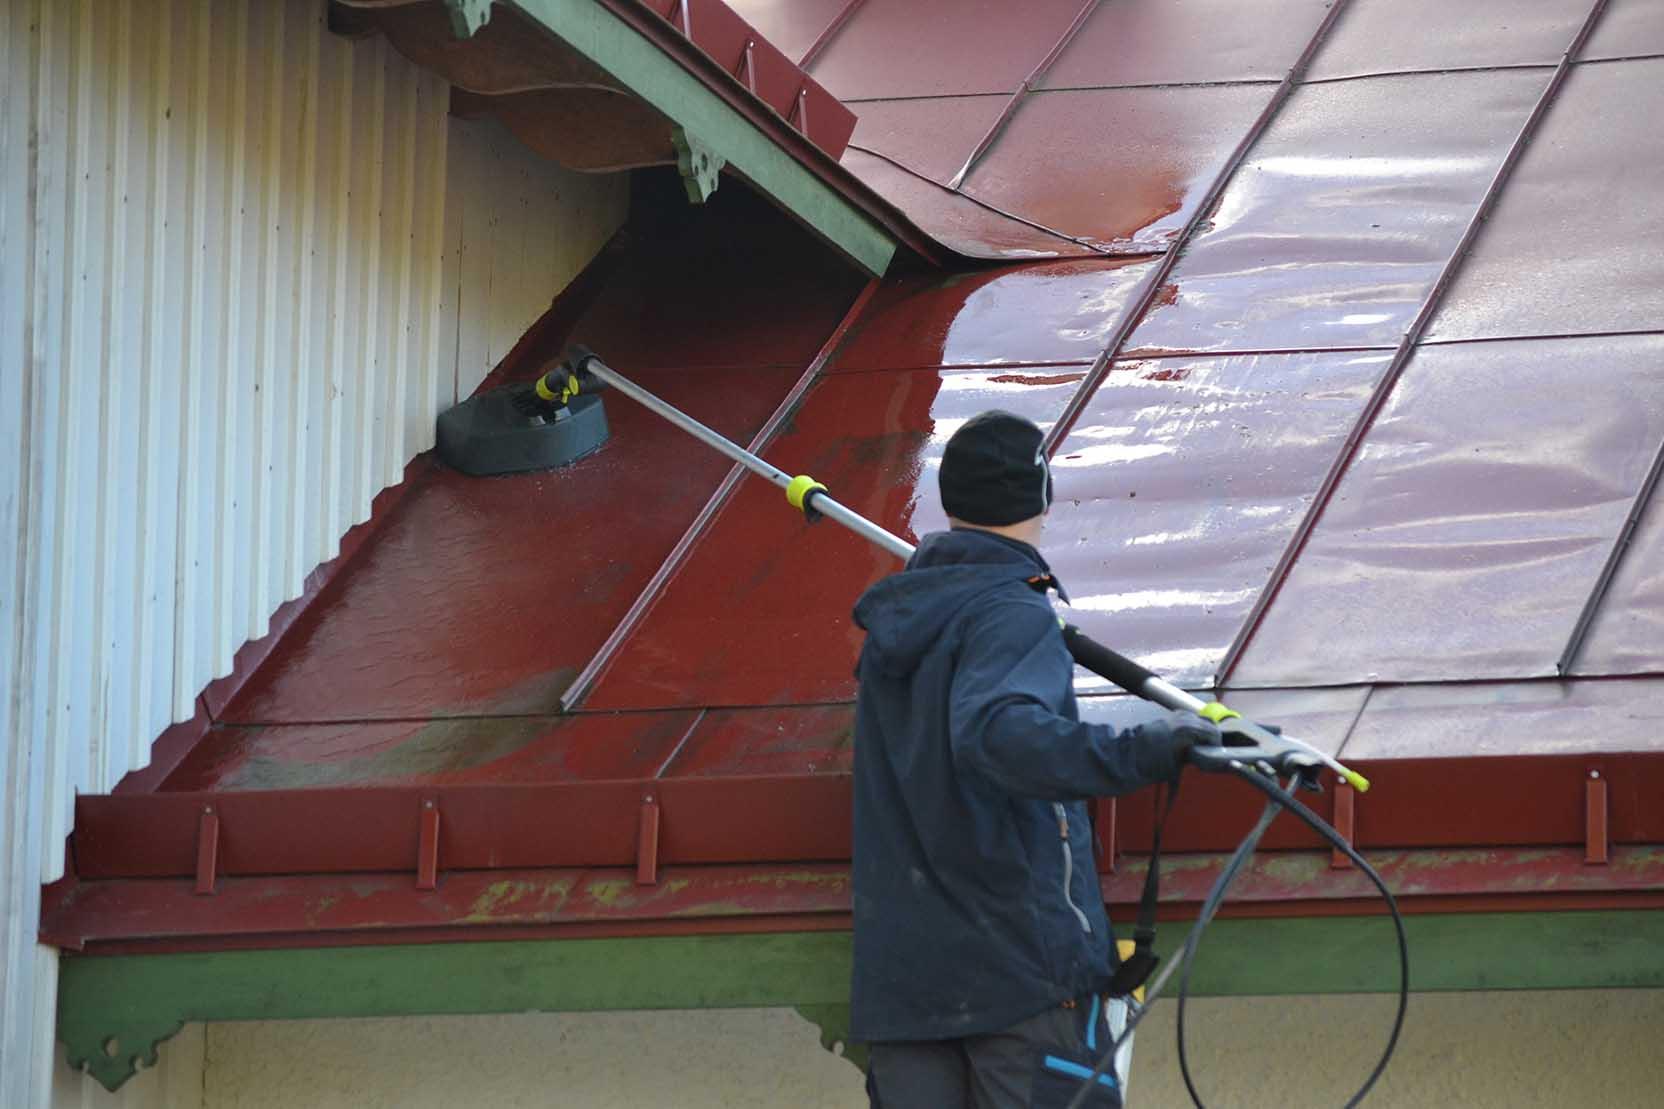 Med en högtryckstvätt kan du tvätta bort mossa och smuts från tak